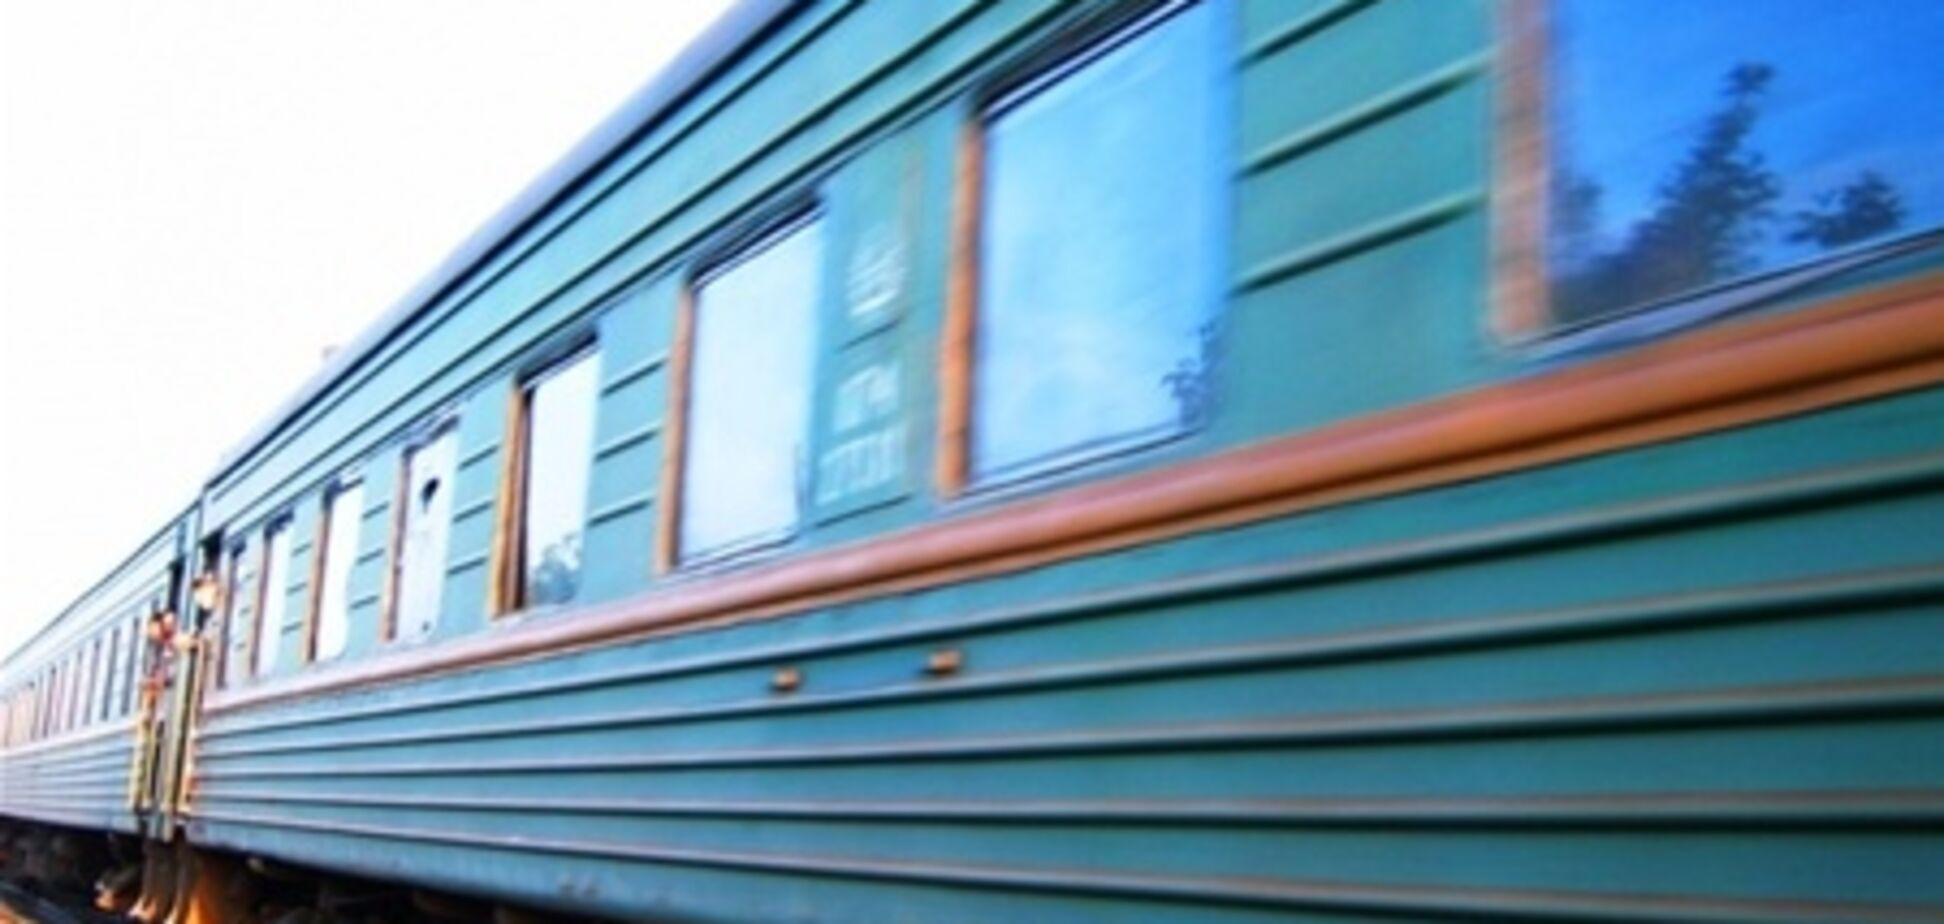 Випускник медучилища прийняв пологи в поїзді Одеса-Харків